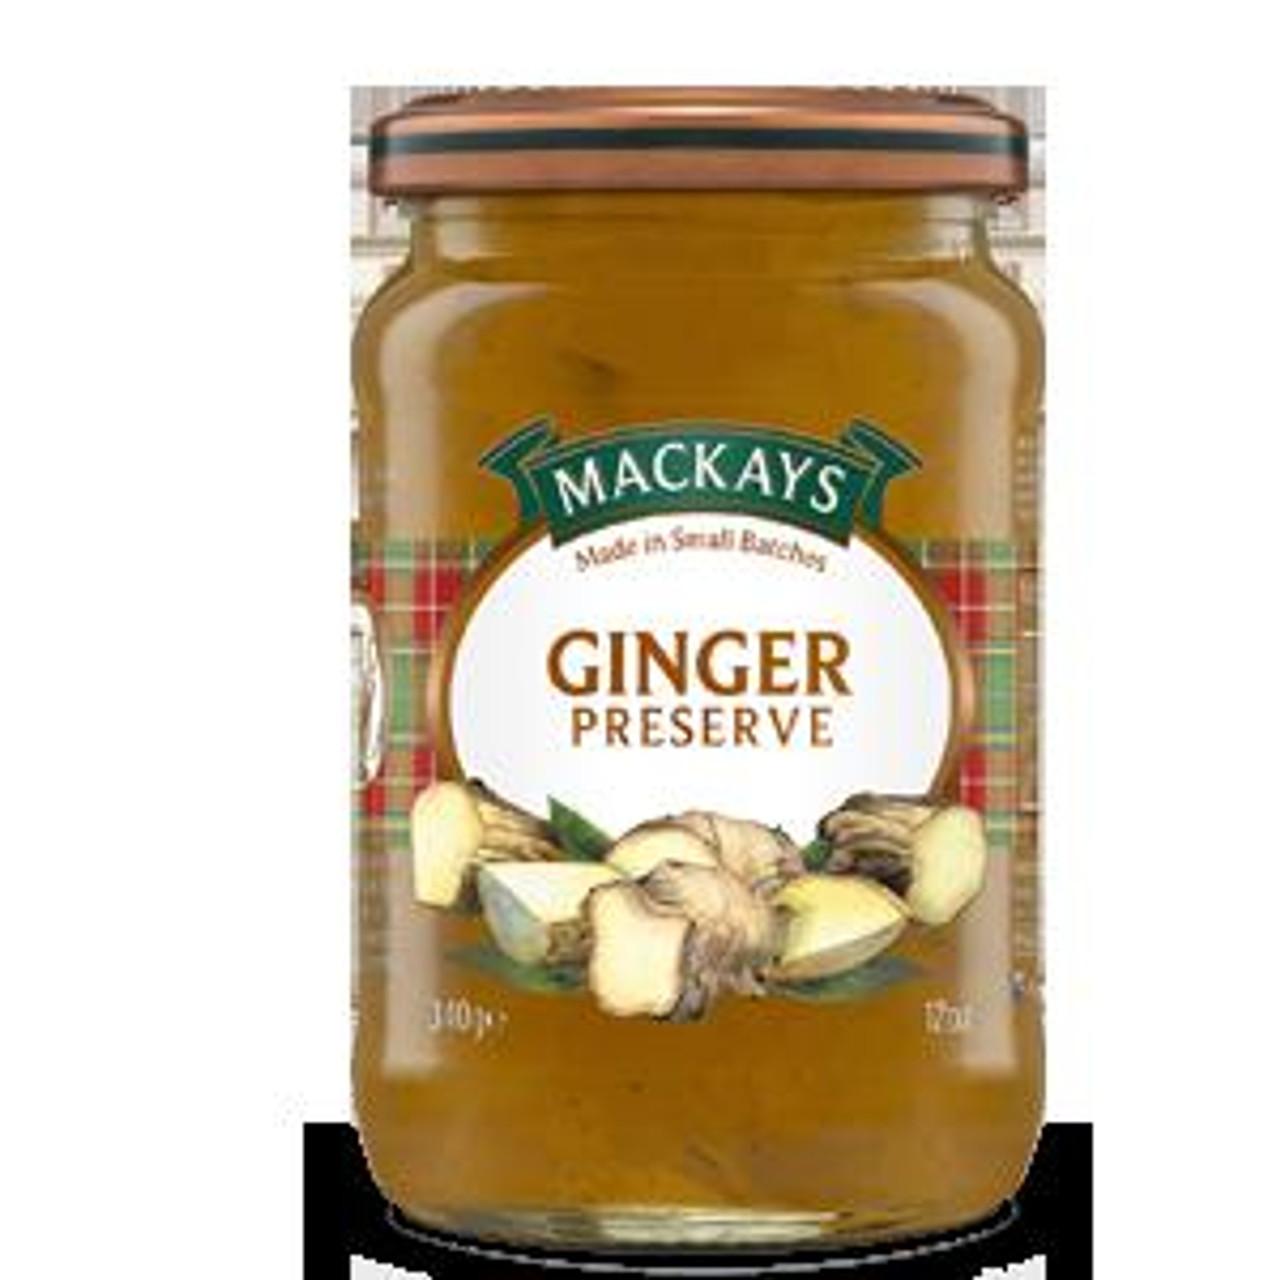 Mackays - Ginger Preserve, 340g